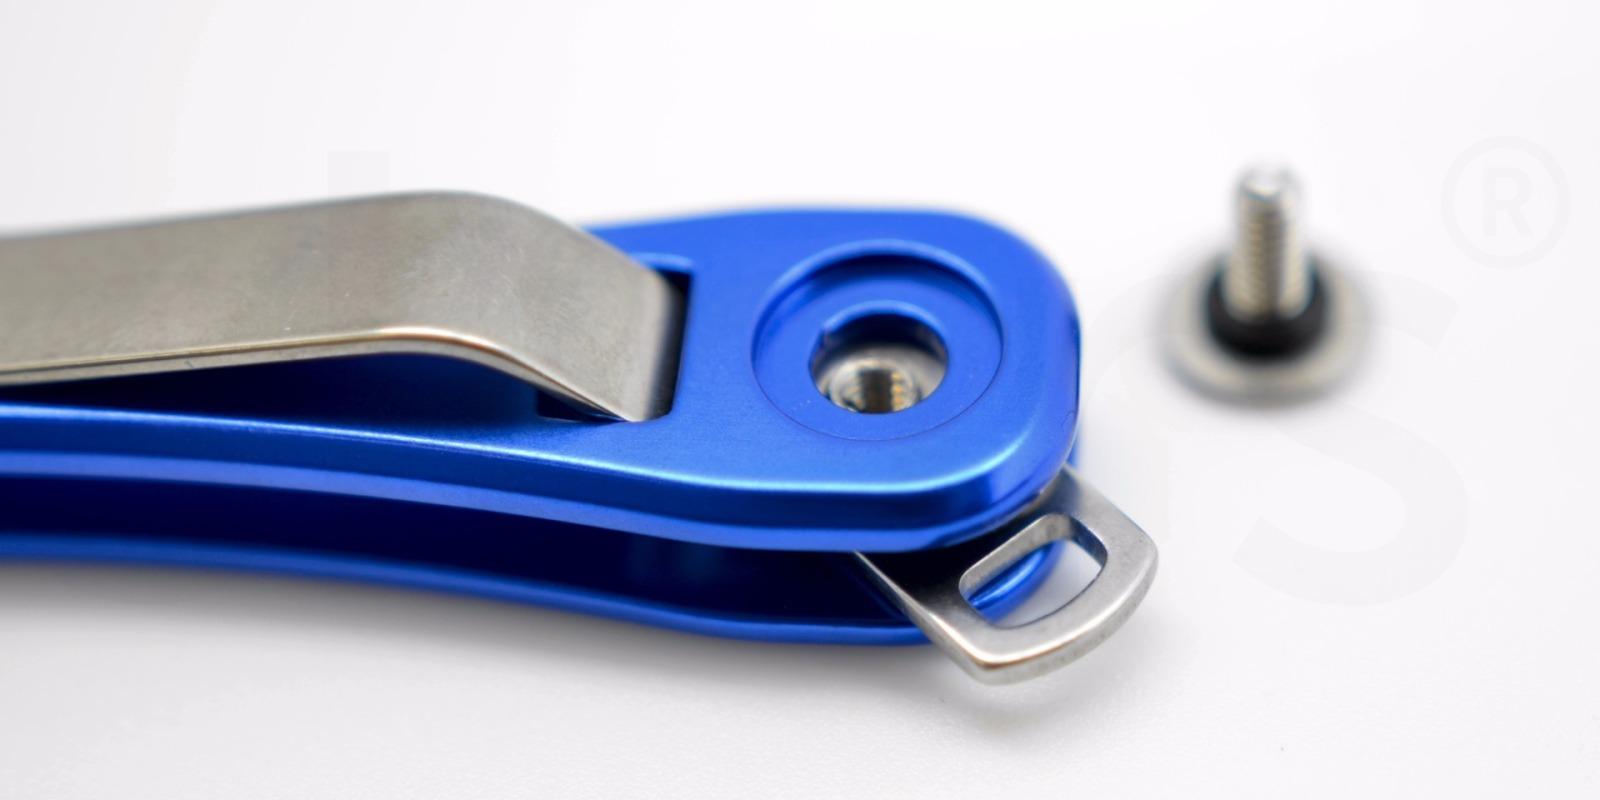 KeySmart Rugged in Blau 7